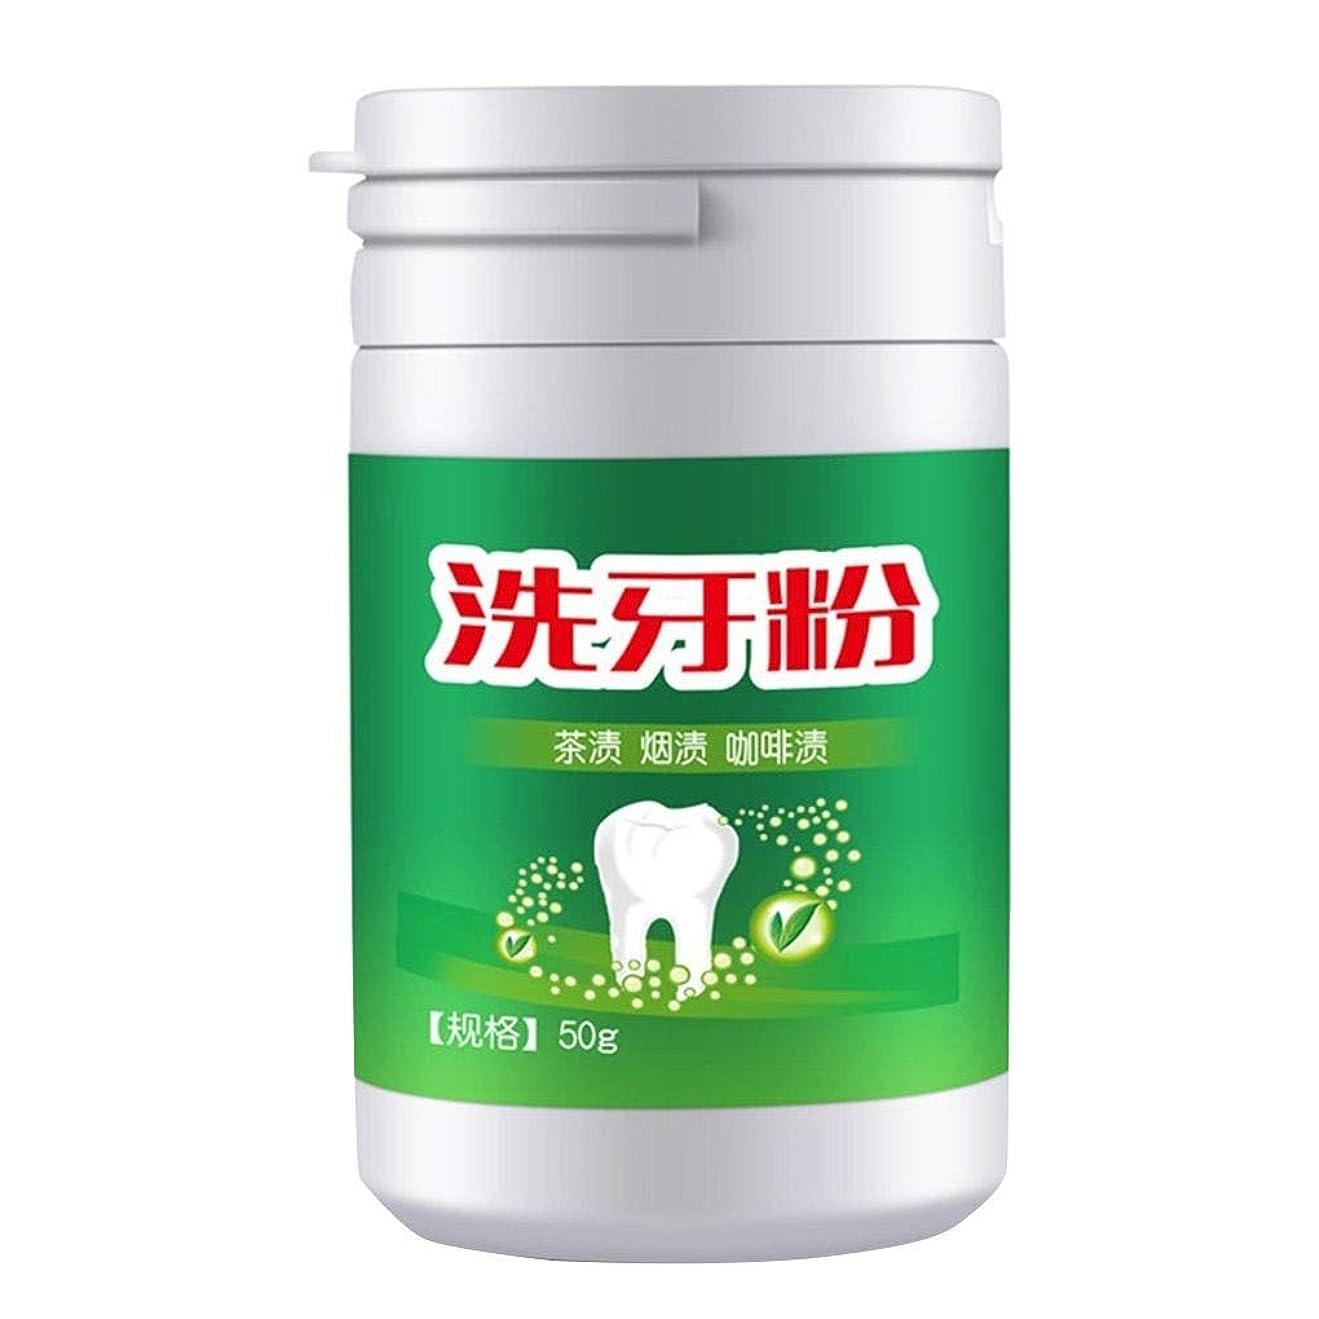 突然干渉描写KOROWA 歯磨き粉 ステイン リムーバー 口腔衛生 ヘルス ケア ツール 喫煙を使用し 毎日イエロー ホワイトニング パウダープラーク